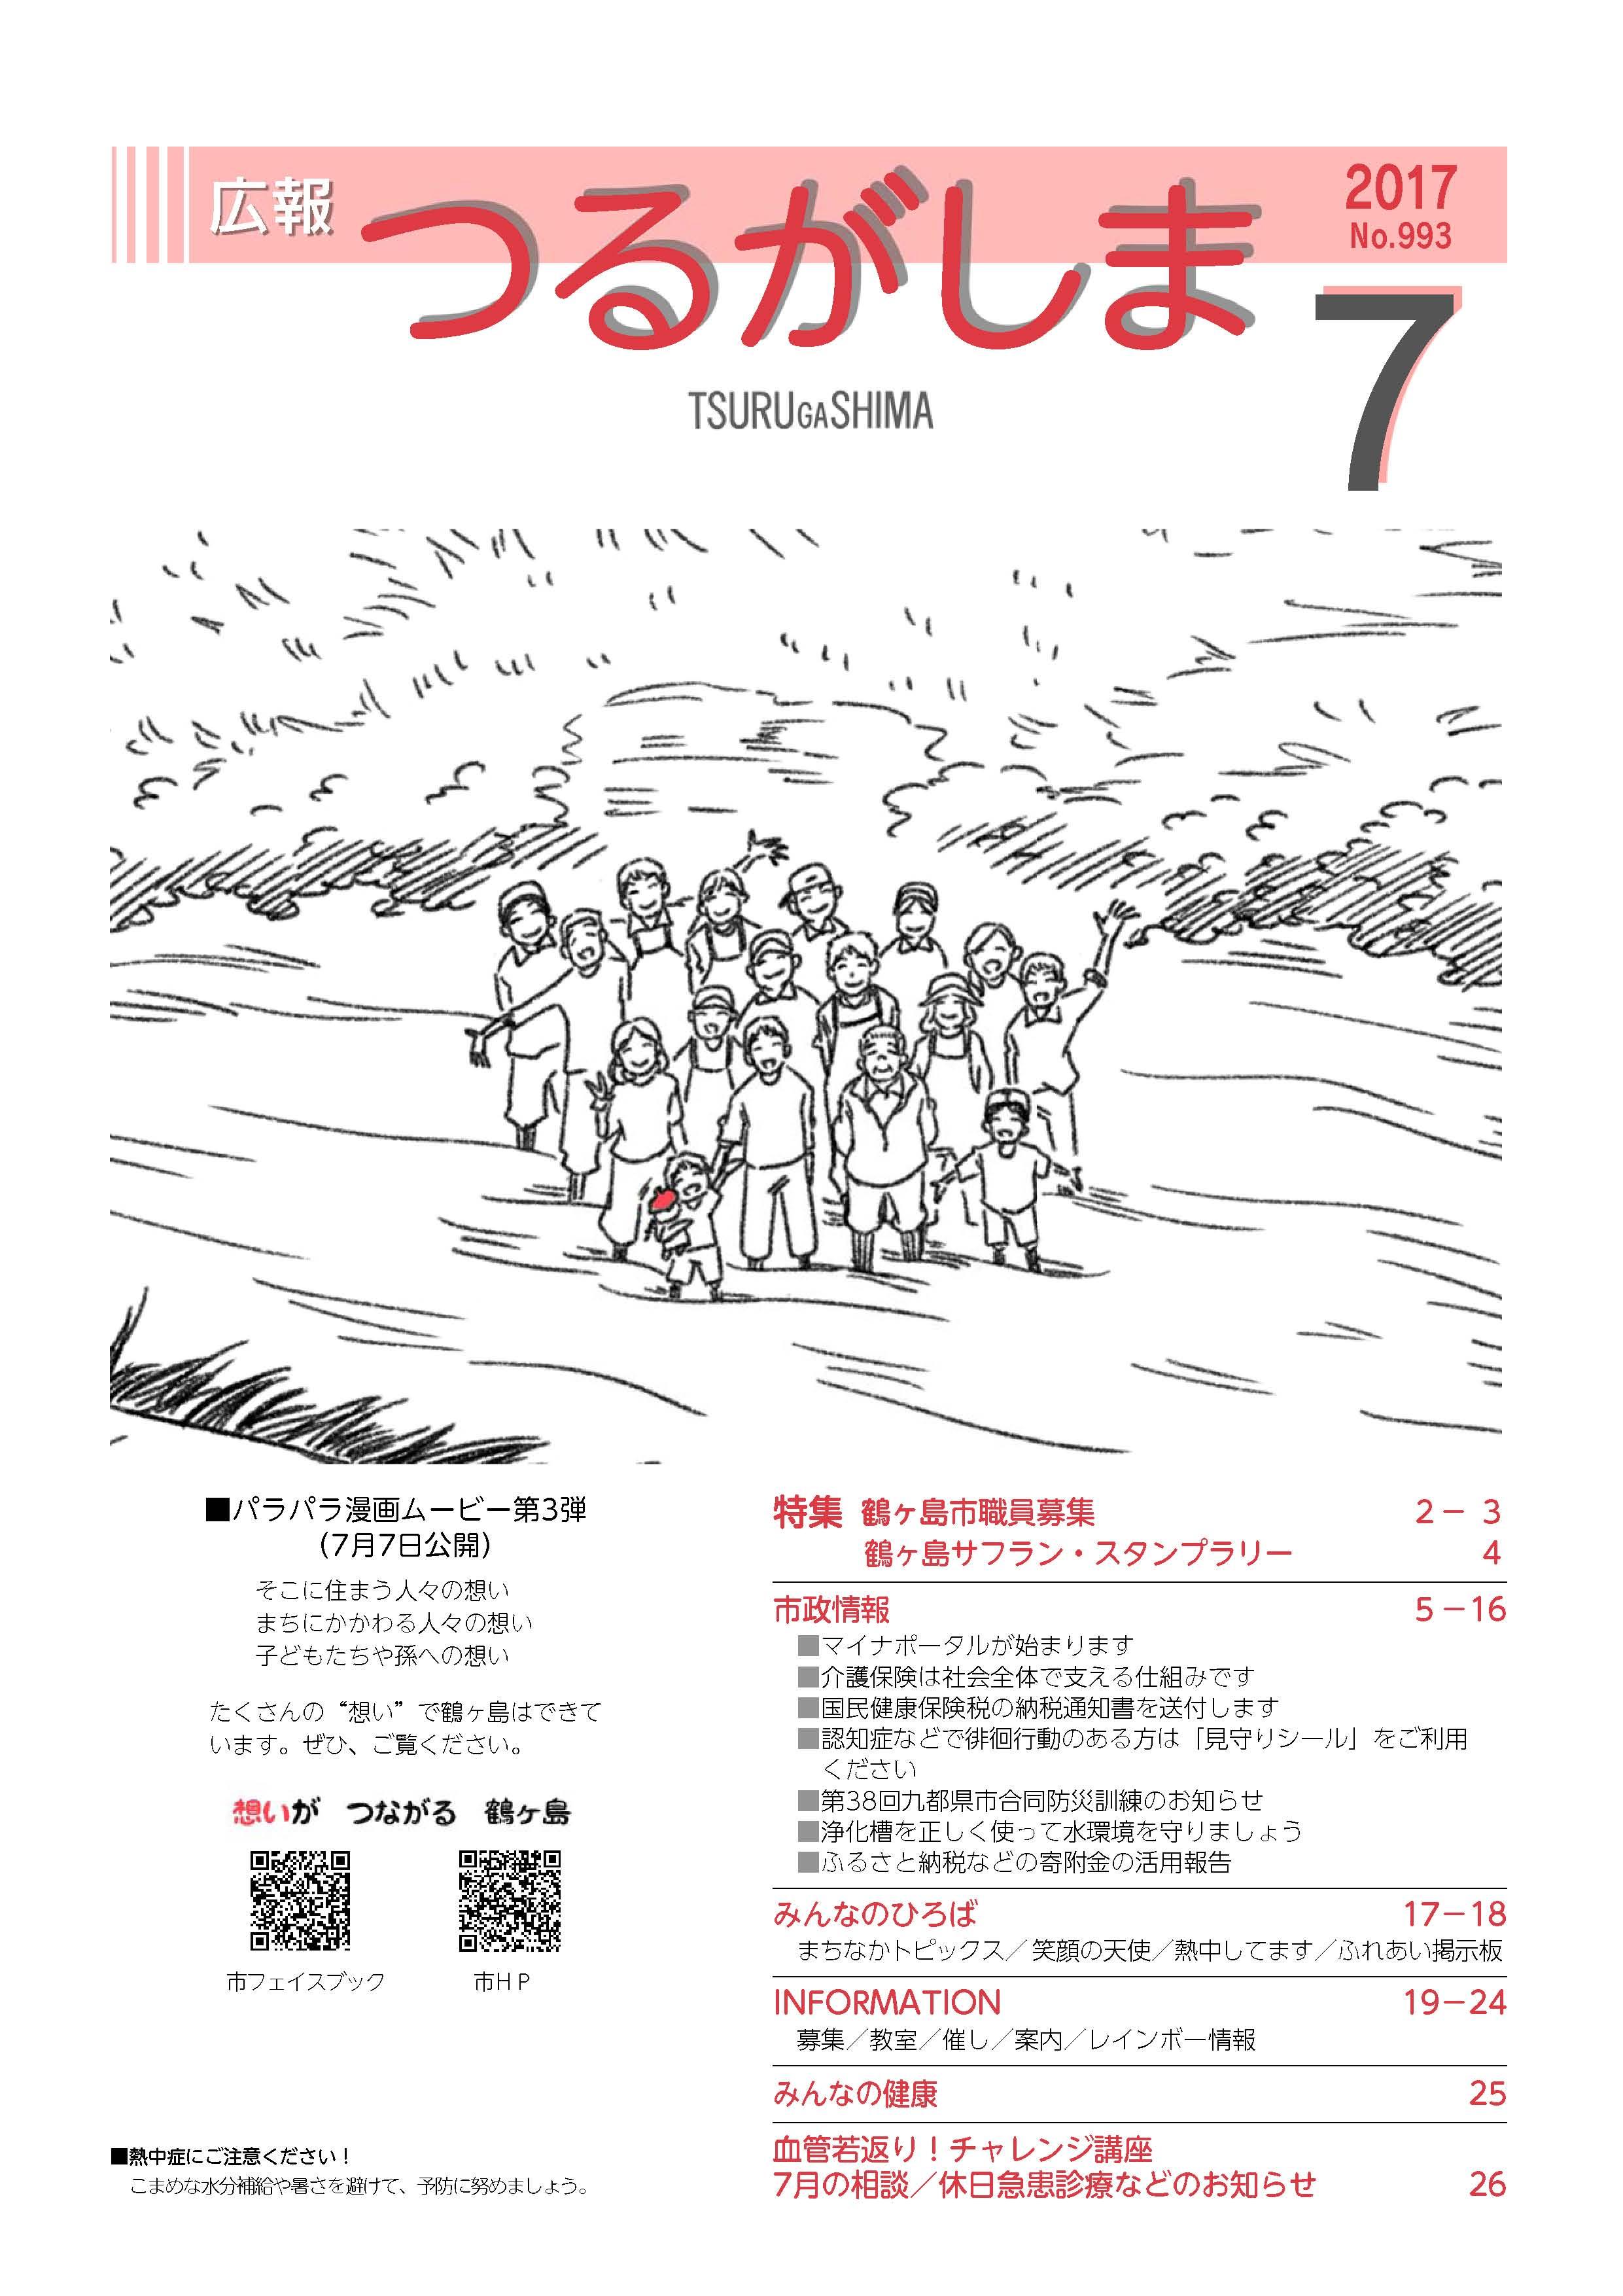 『広報つるがしま平成29年7月号の表紙です。職員採用パラパラ漫画の1シーンが描かれています。』の画像